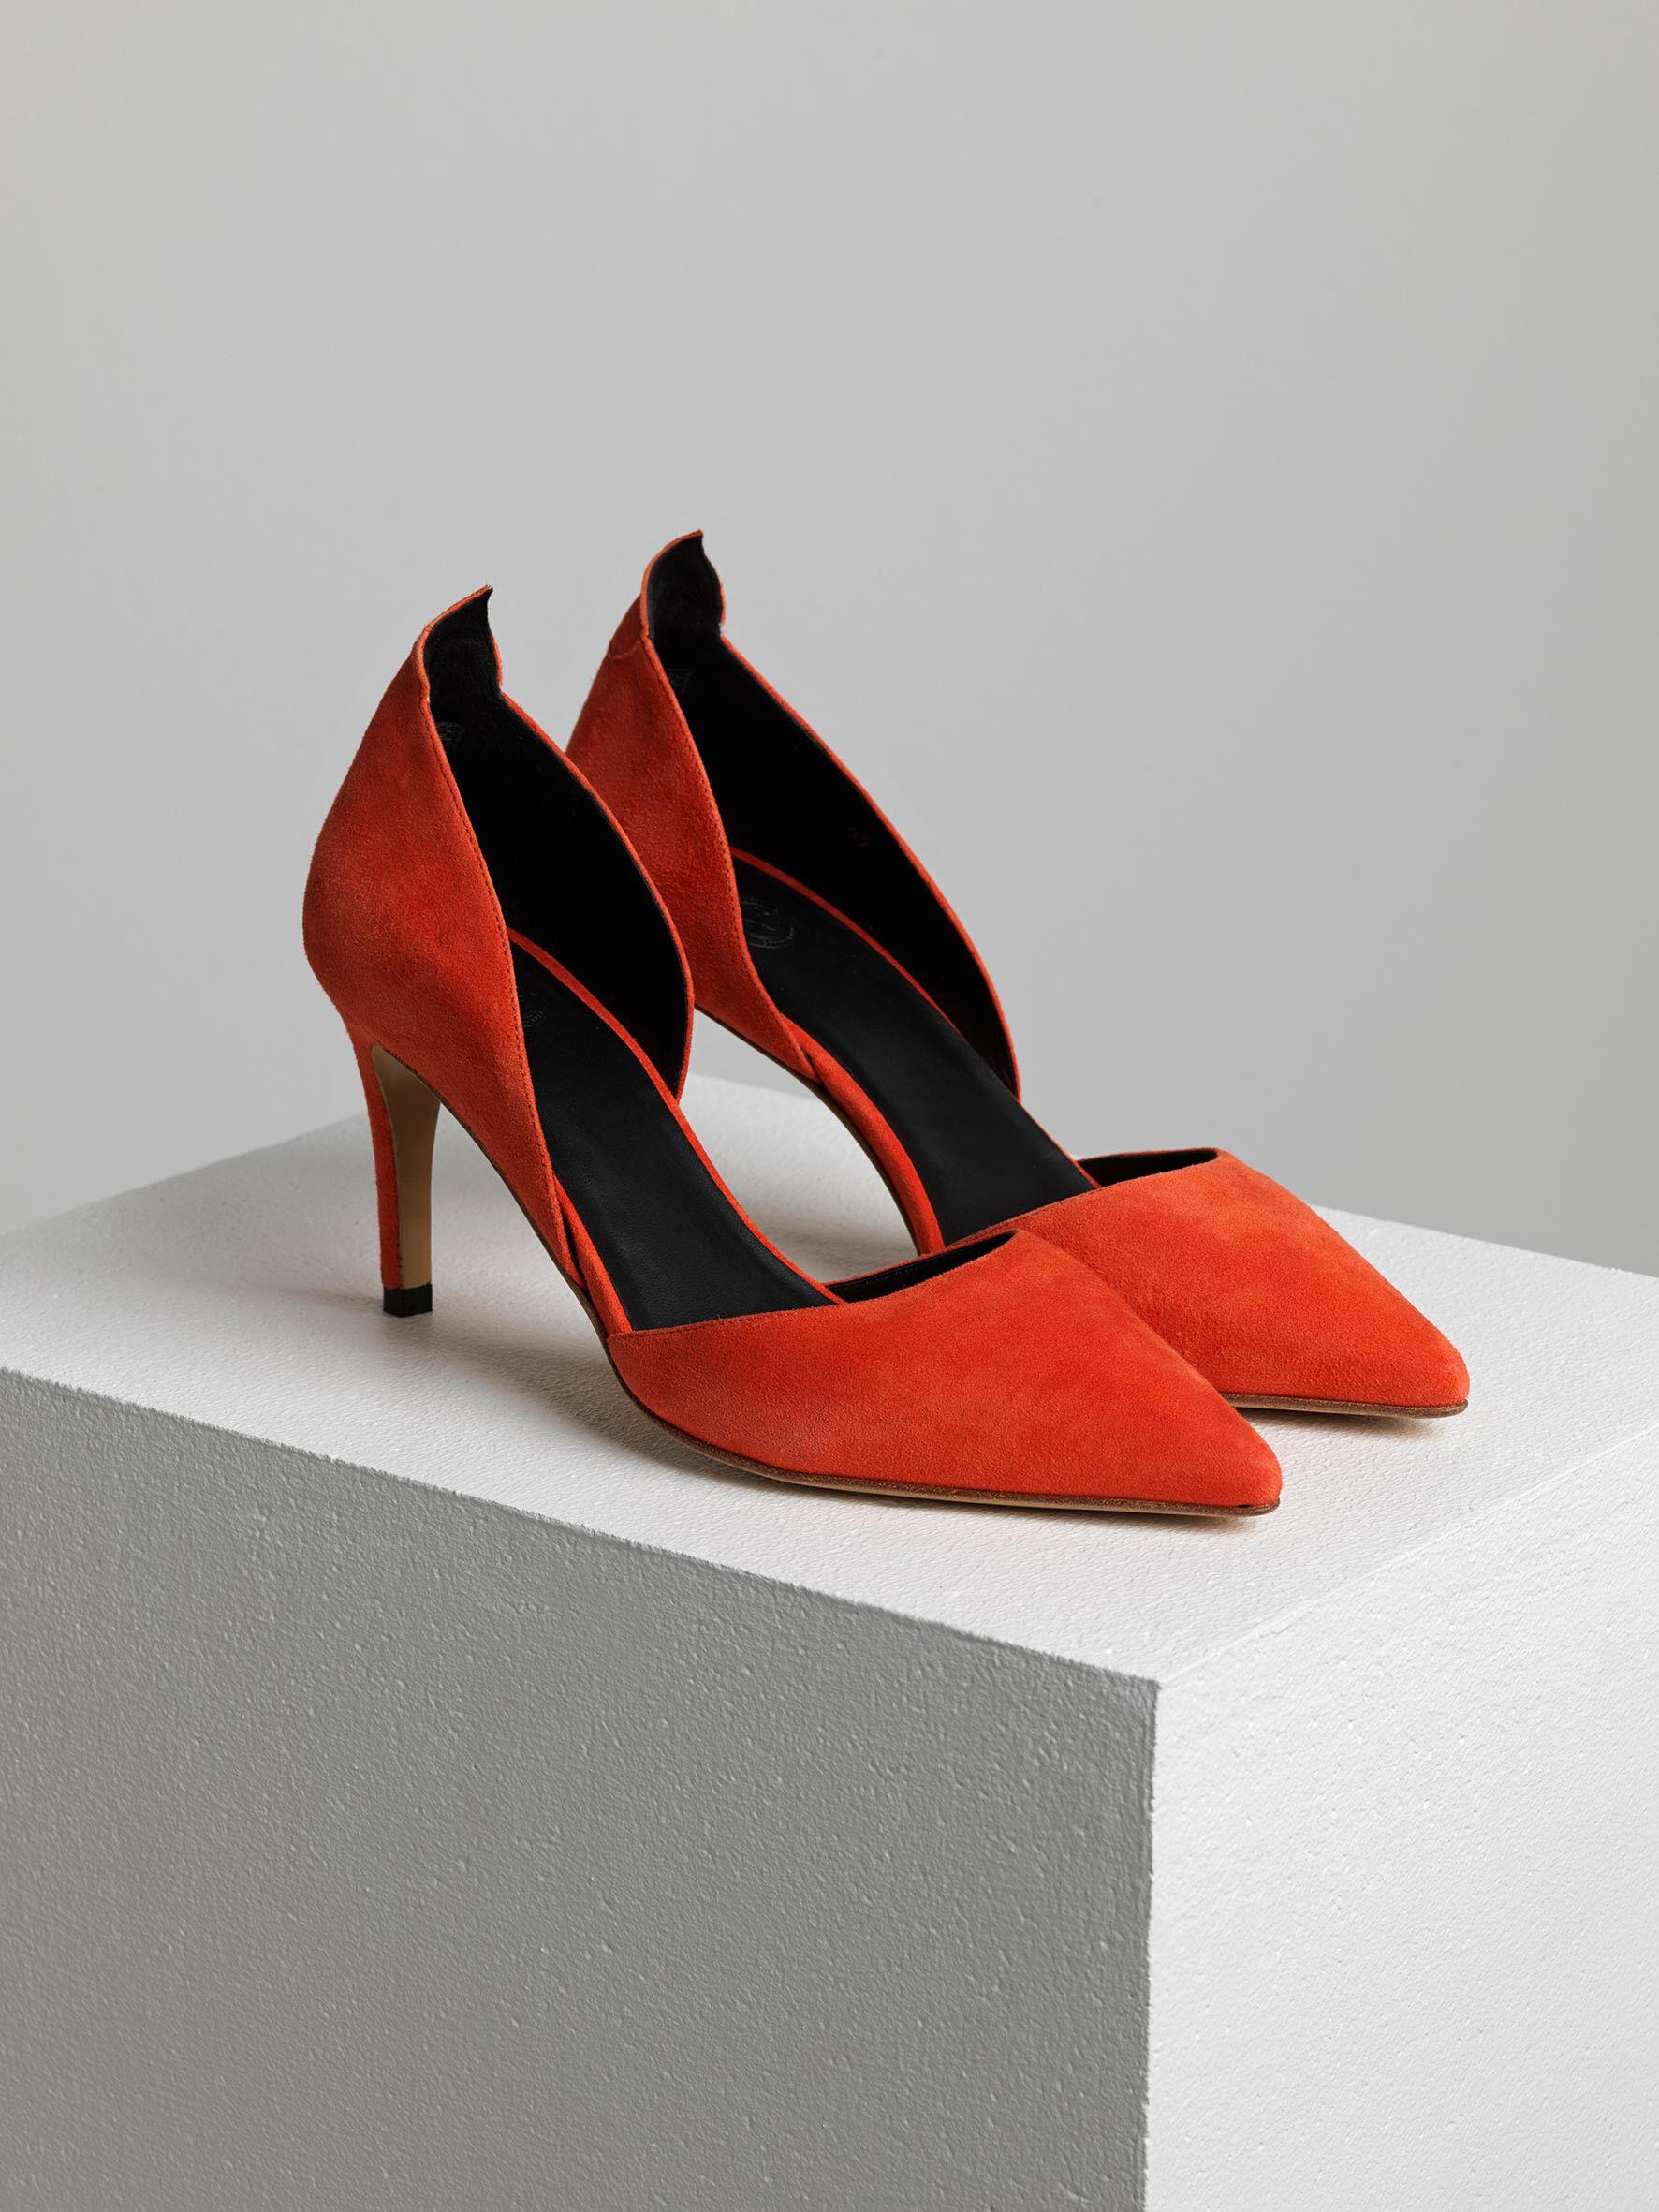 May En Des Achetez Ligne Chaussures Escarpins 9eEDH2YWI